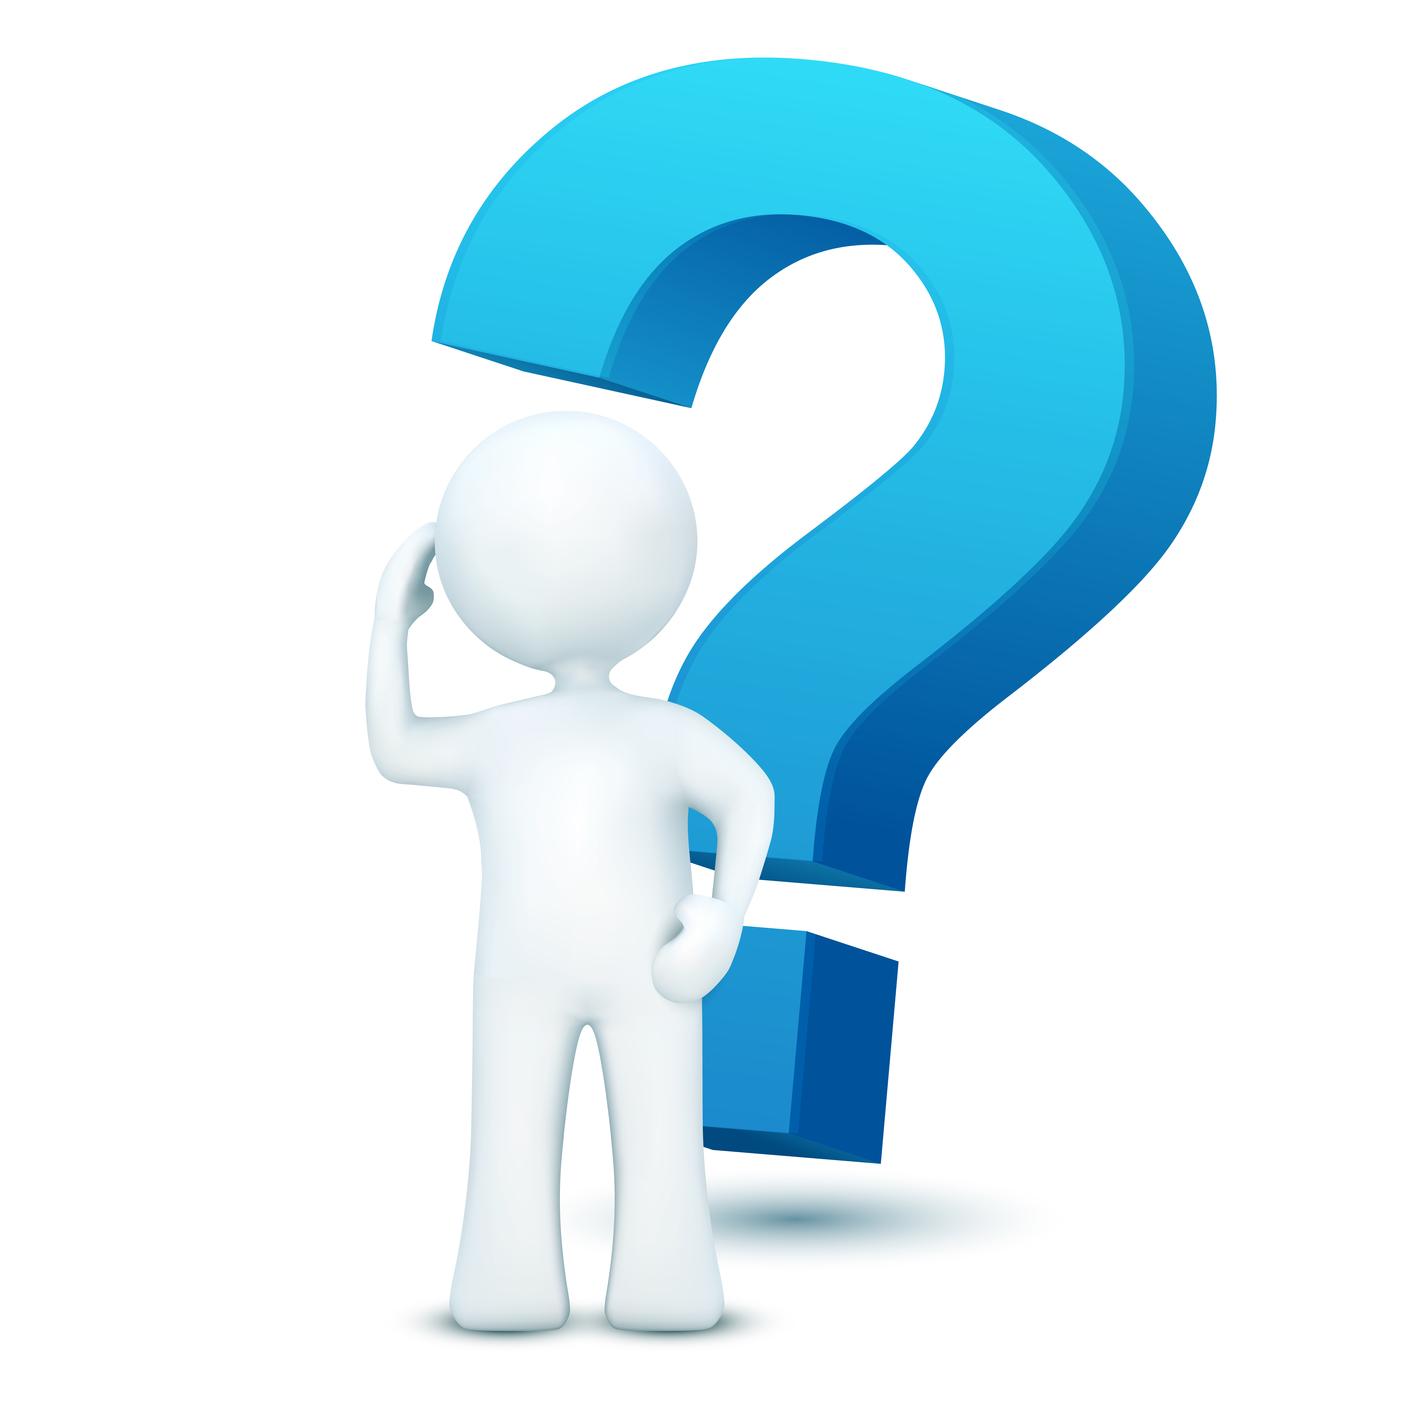 1414x1414 Questions Magical Clipart Free Question Mark Clip Art Graphics